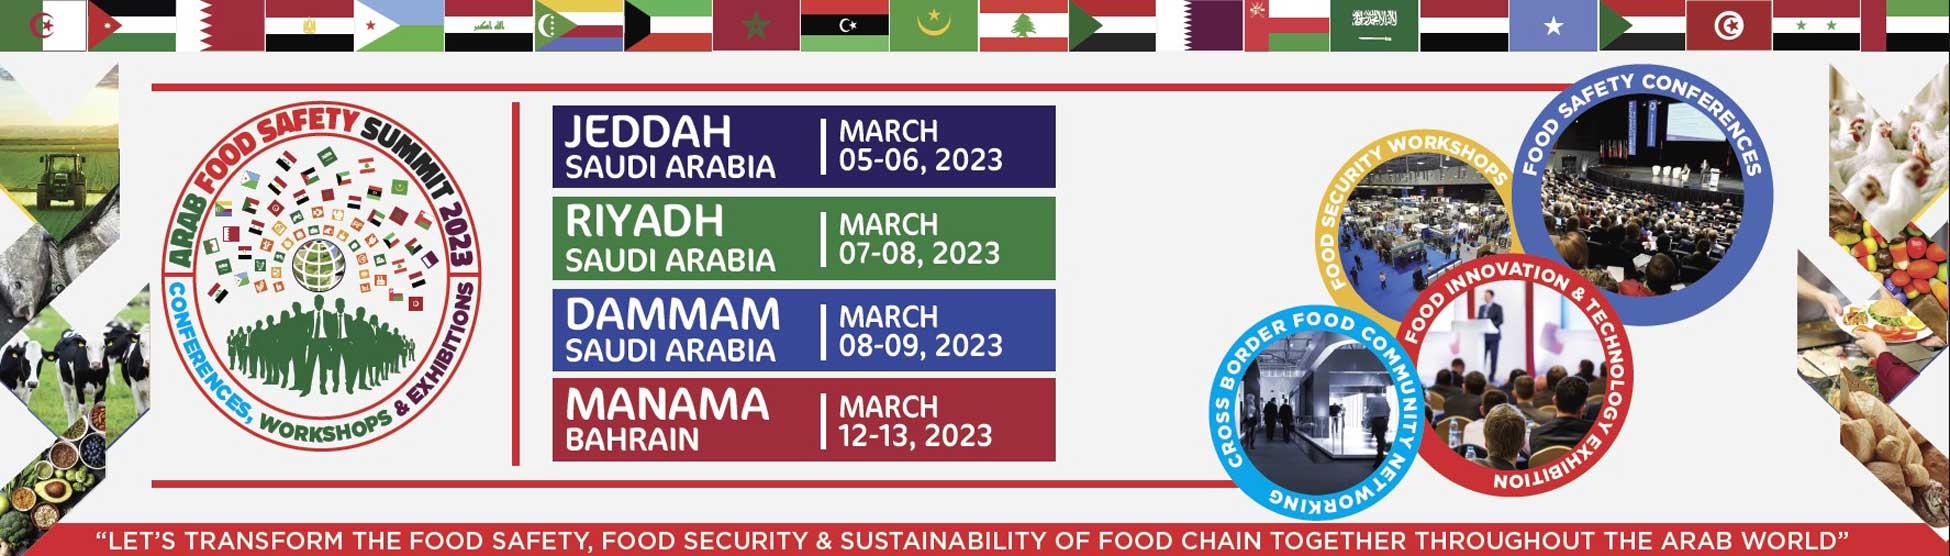 Arab Food Safety Summit Slide 06